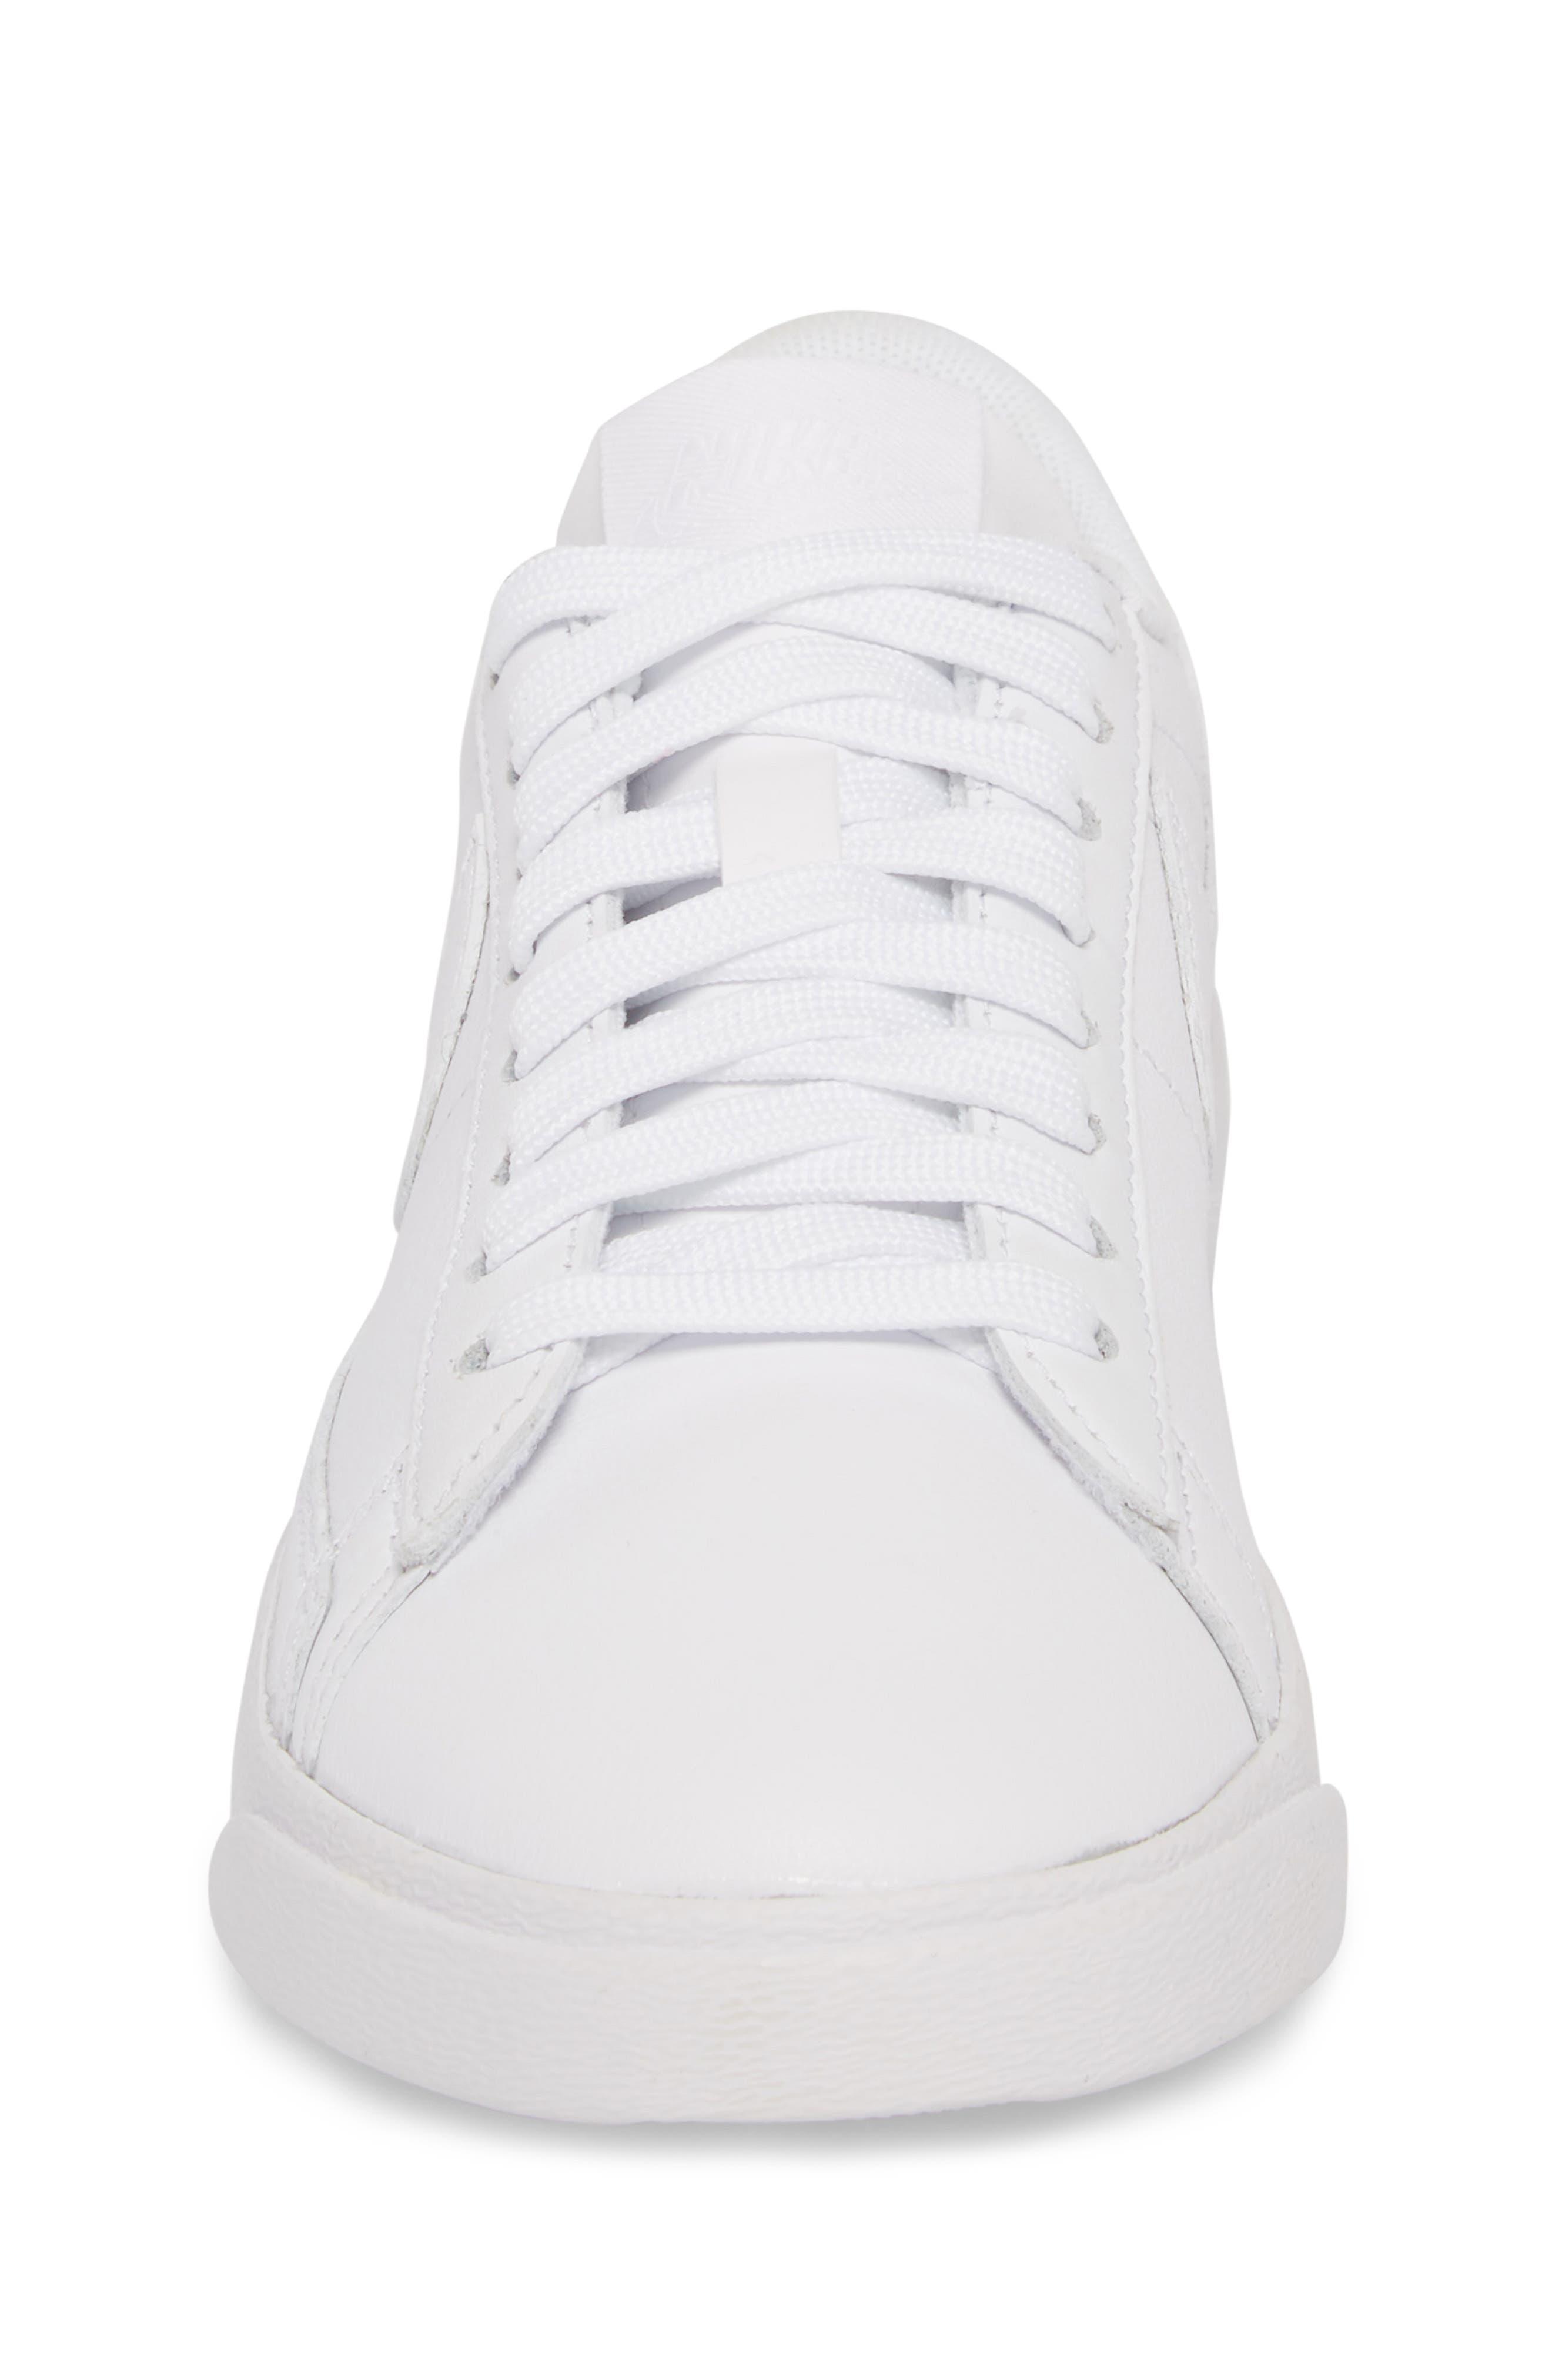 Blazer Low LE Sneaker,                             Alternate thumbnail 4, color,                             WHITE/ WHITE-WHITE